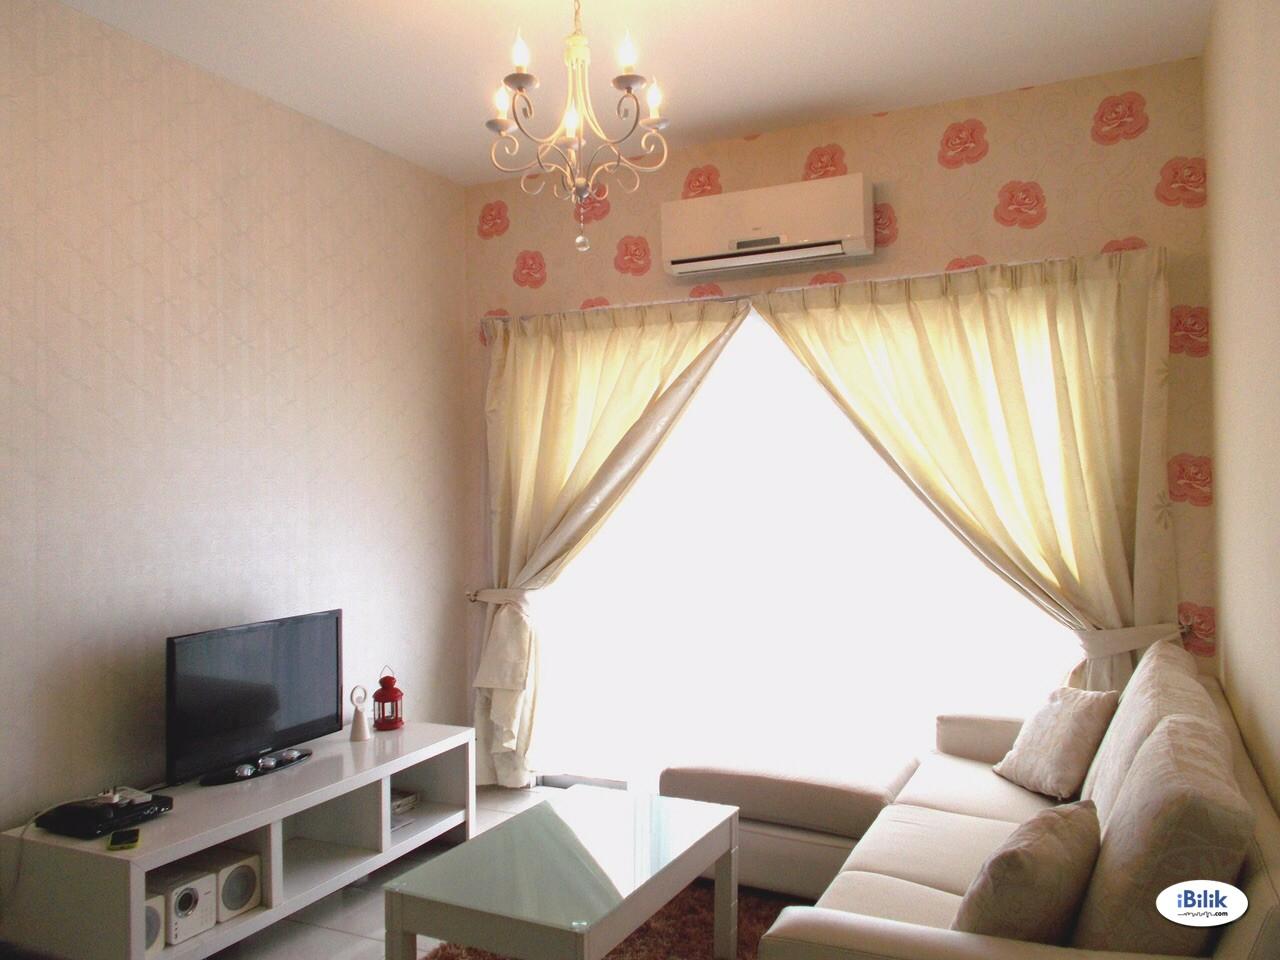 Vacation Apartment at Bandar Puteri Puchong, Puchong